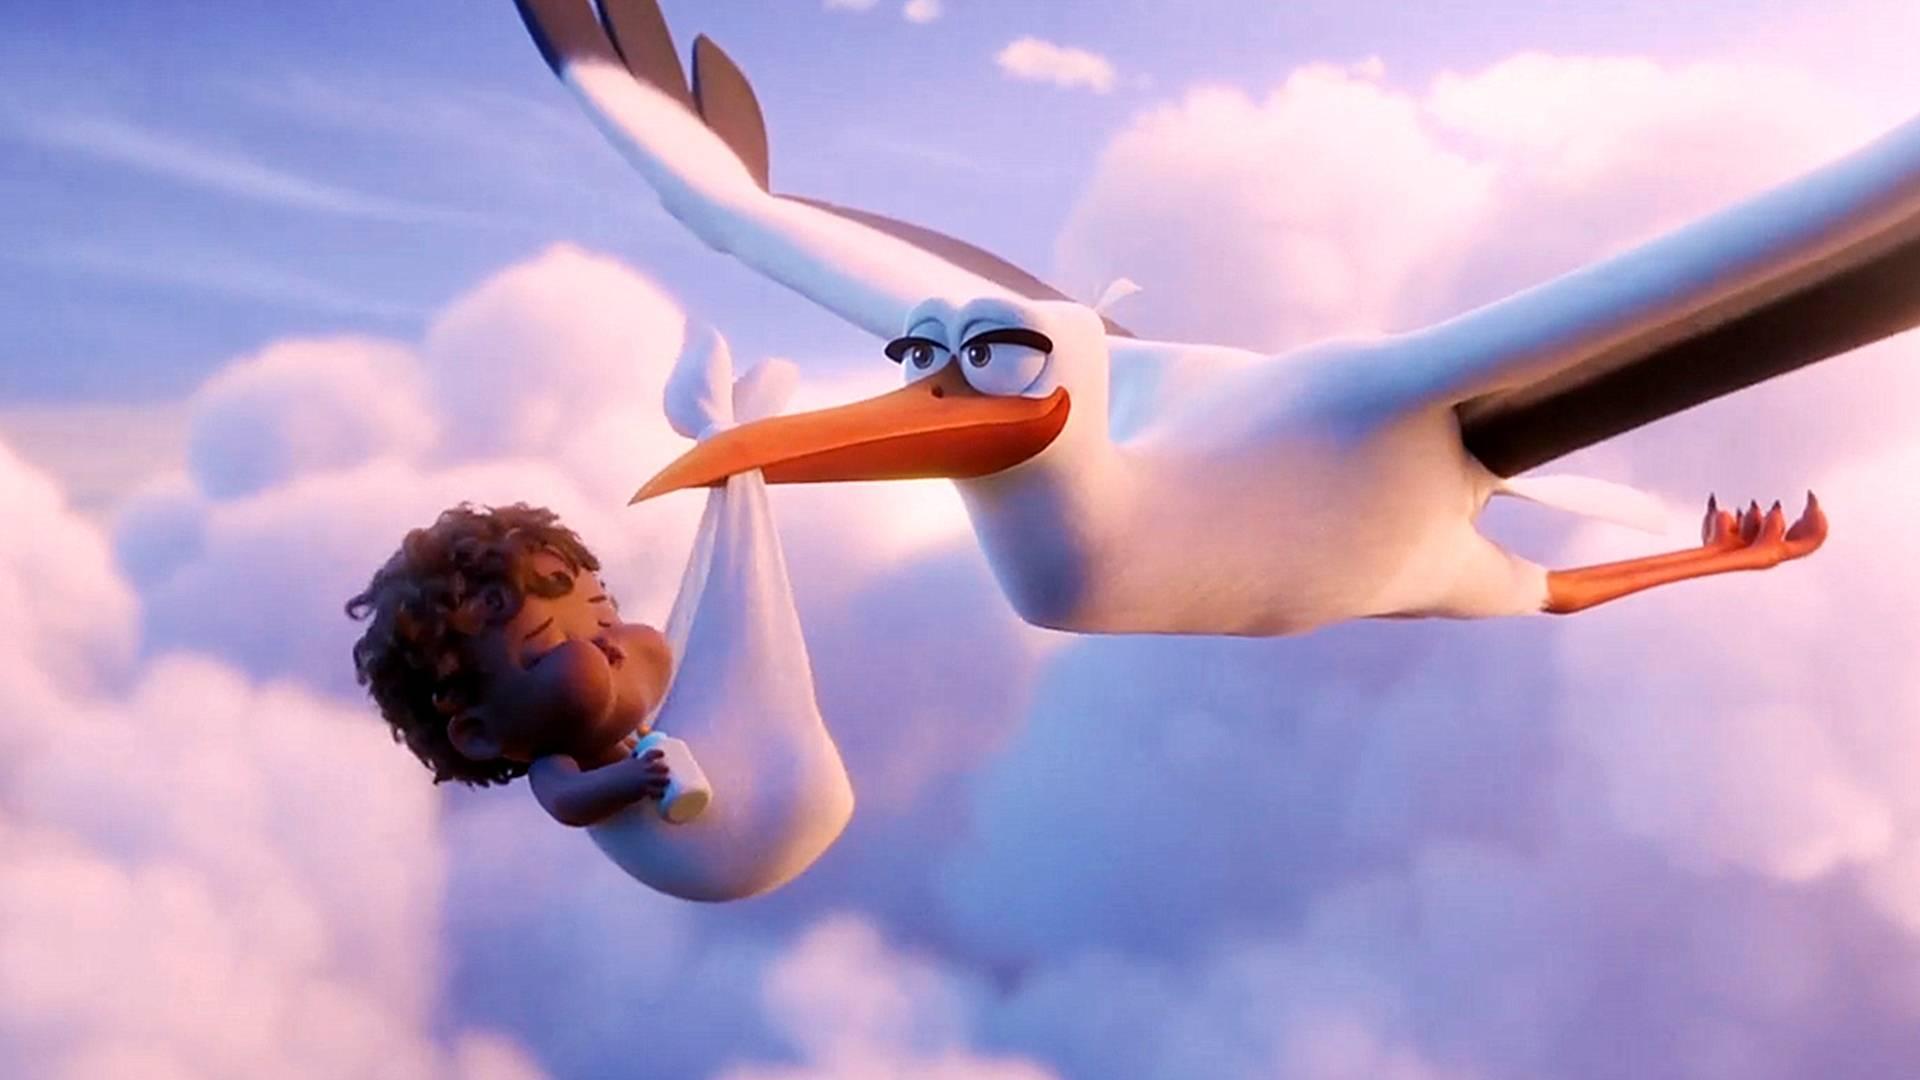 小鸟改行送快递,配送速度比人类都要快,一部搞笑动画电影